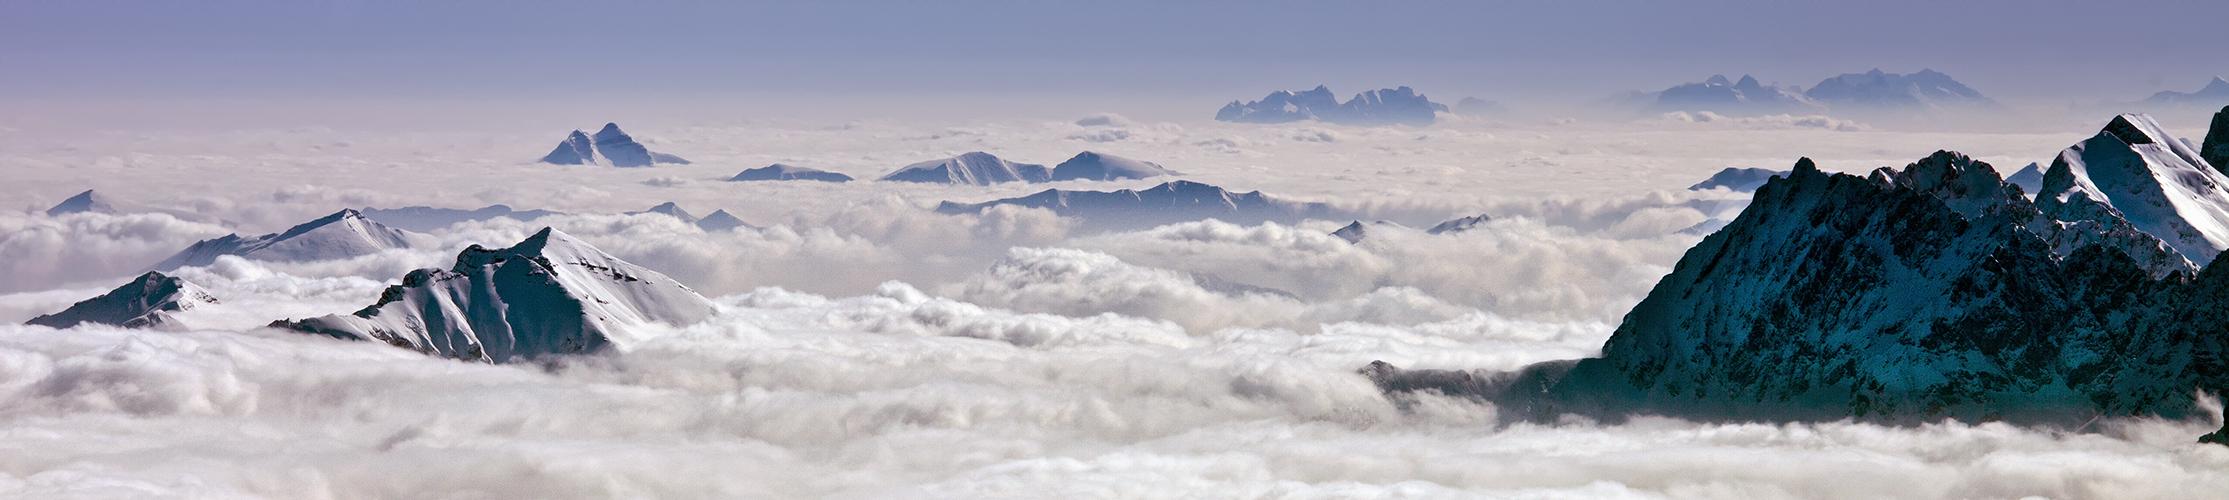 Wolkenmeer mit Aussicht